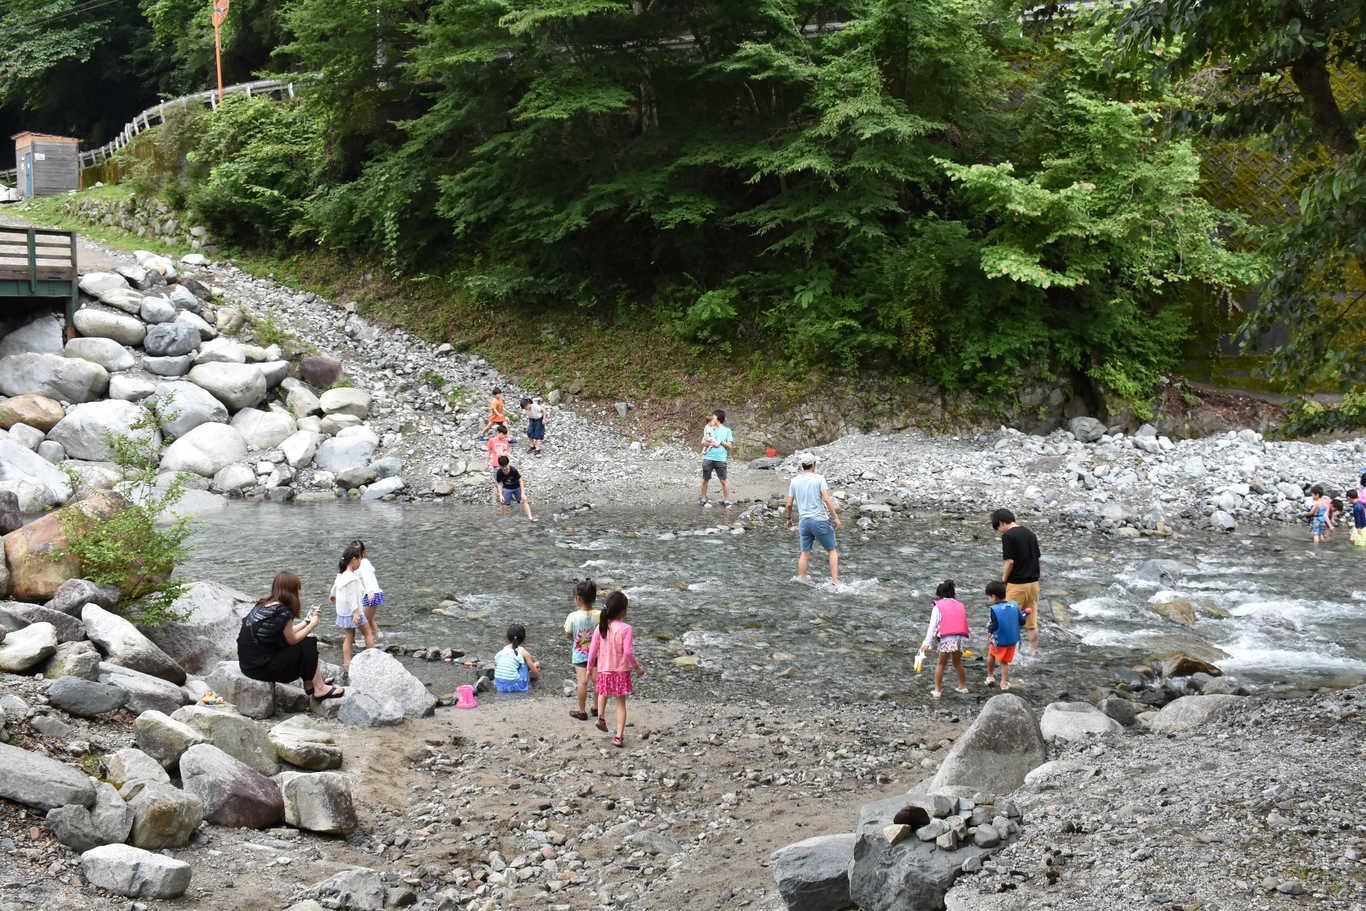 ウェルキャンプ西丹沢 の公式写真c935